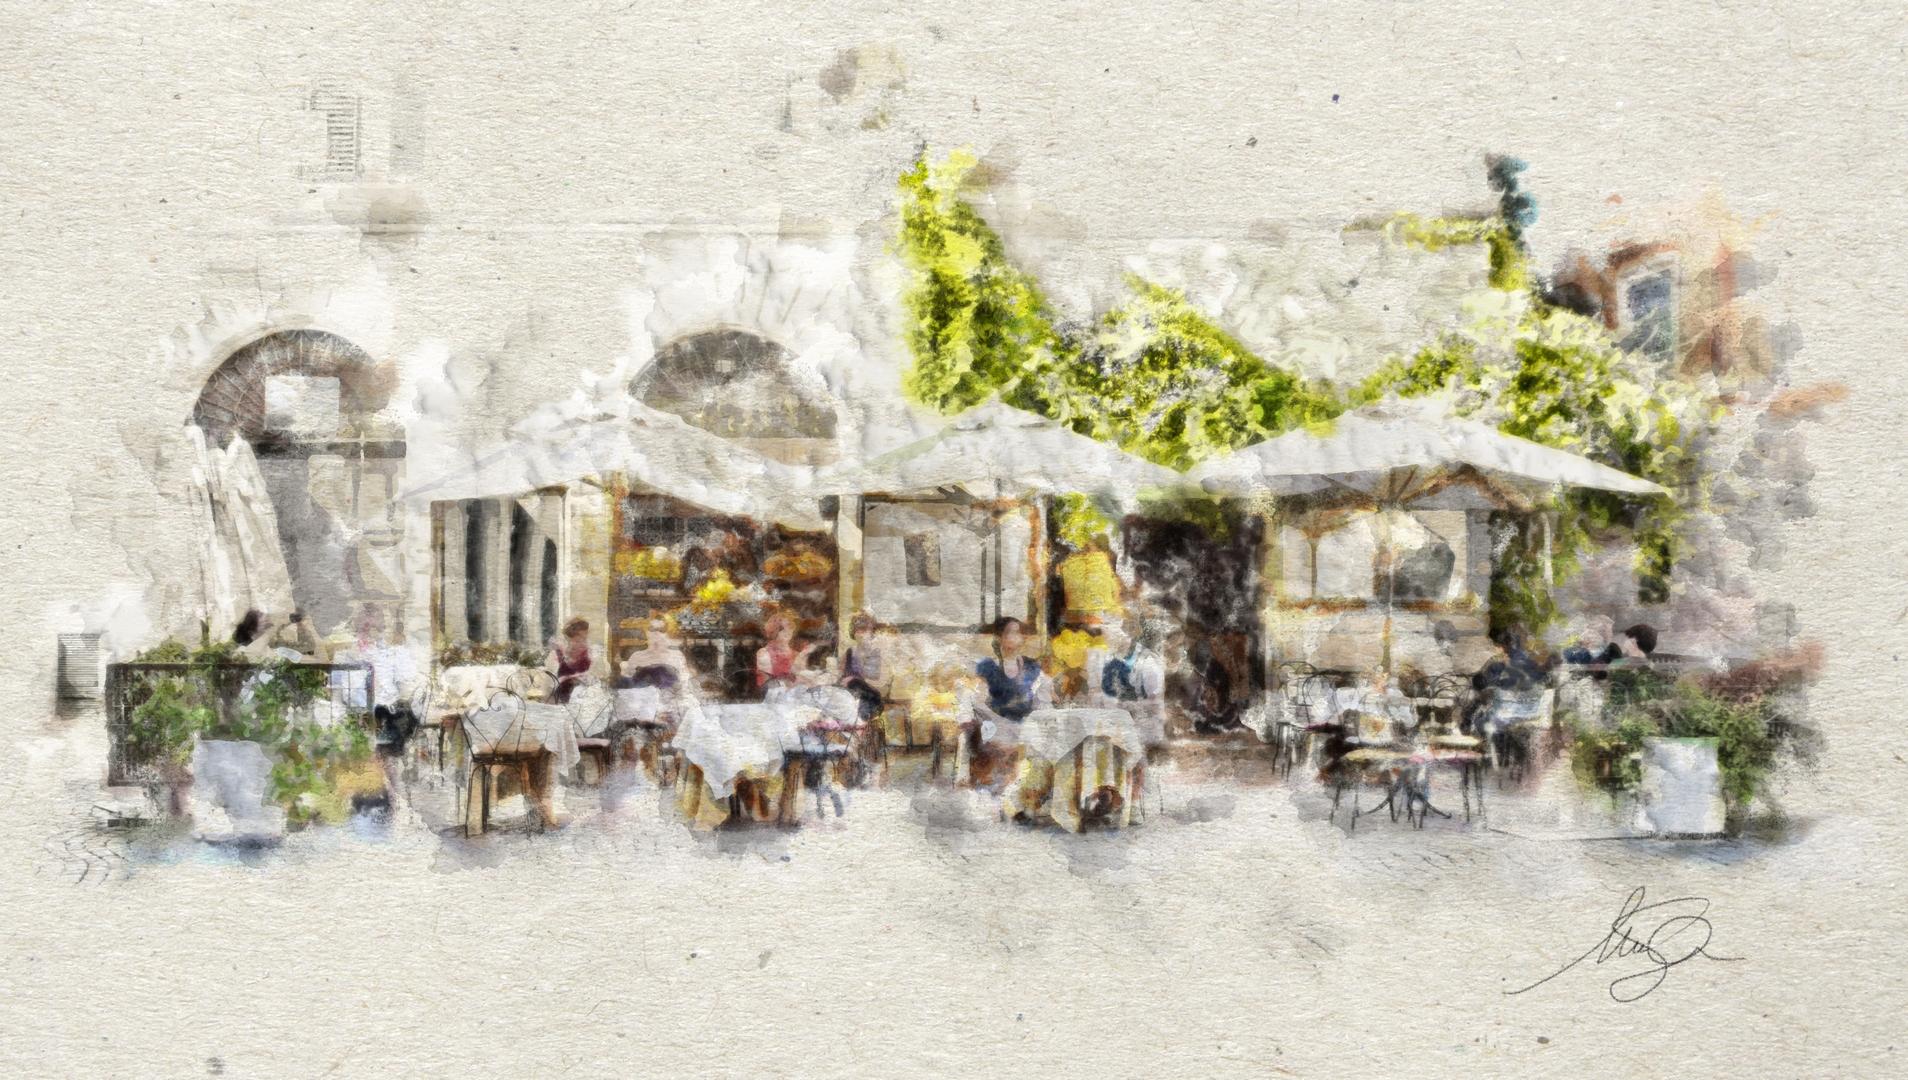 Roma - Disegni e Dipinti - Il Caffé delle Arance